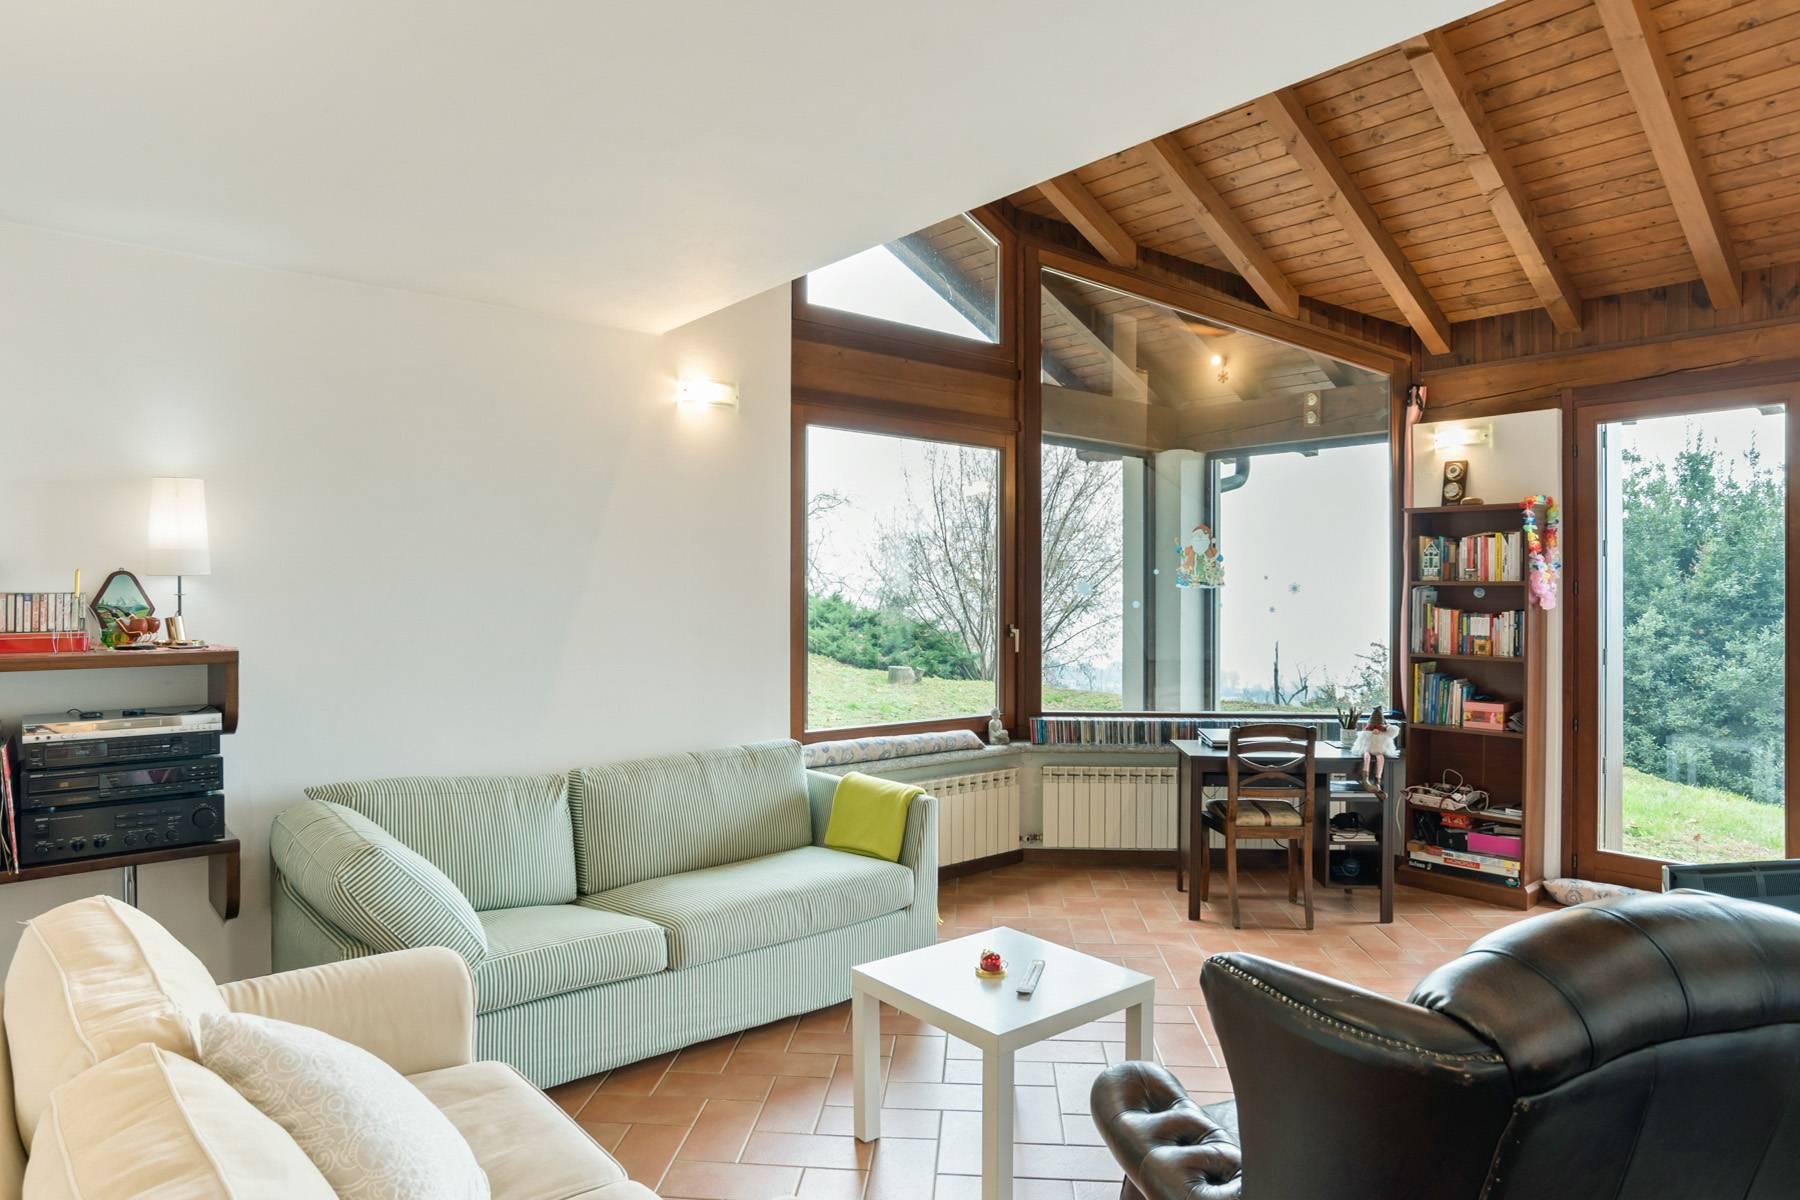 Villa in Vendita a Massino Visconti: 5 locali, 200 mq - Foto 8